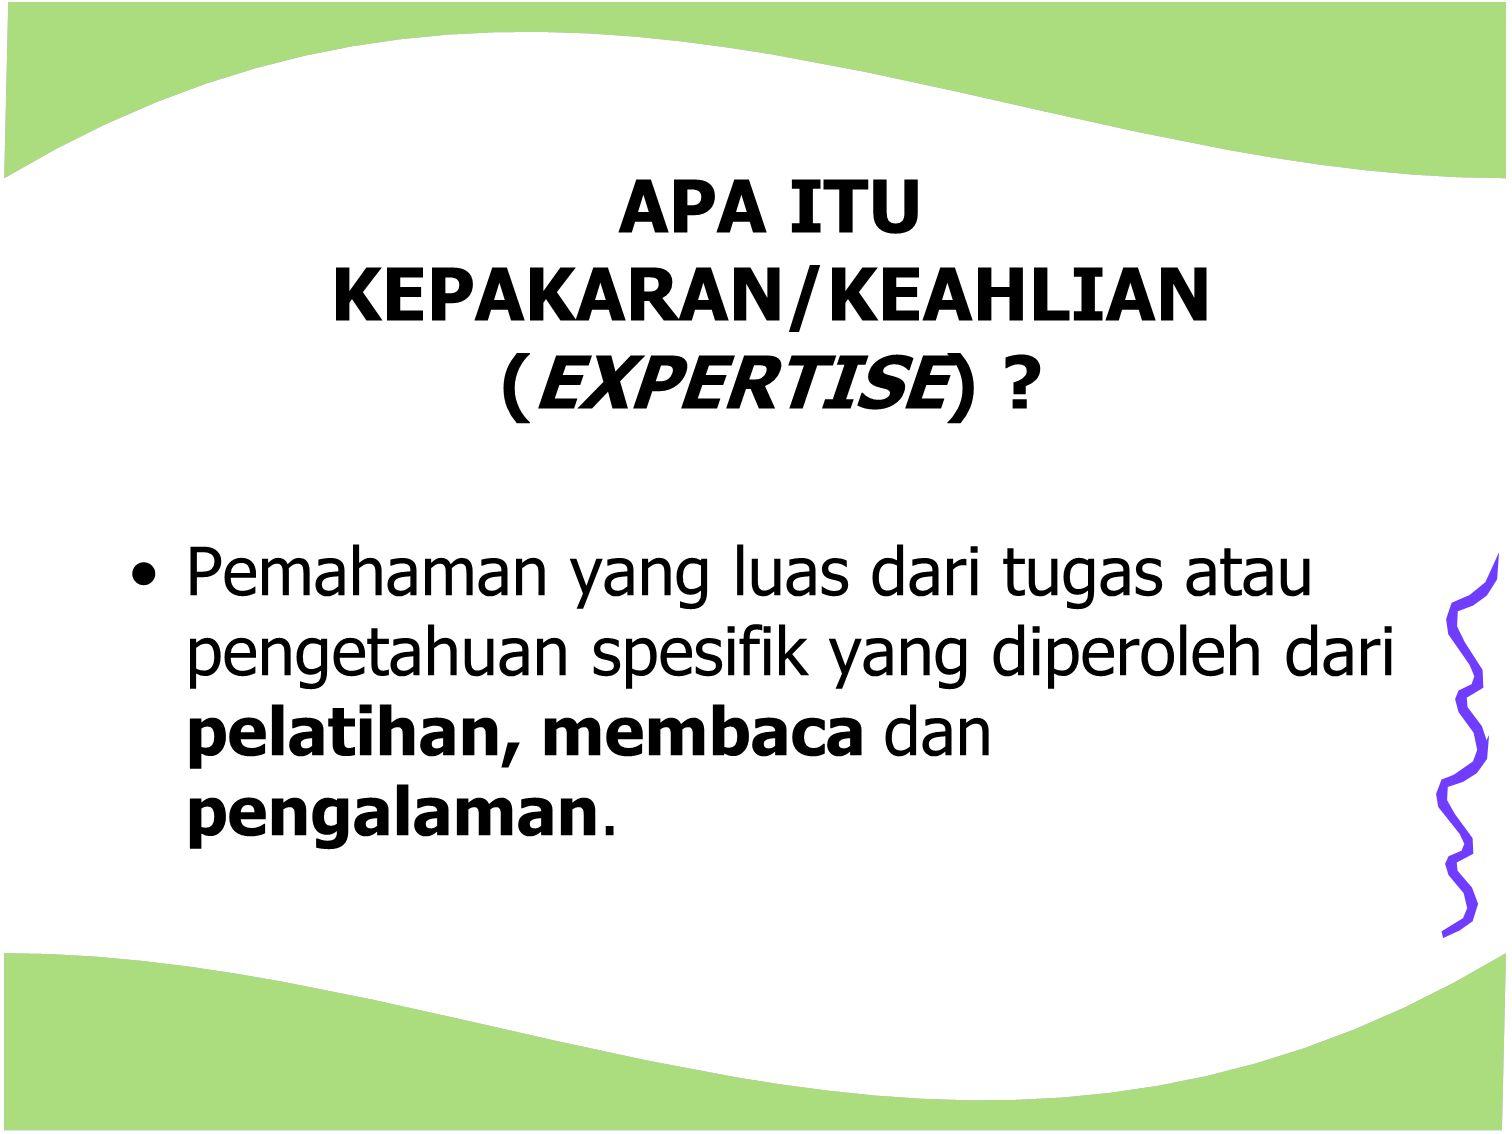 APA ITU KEPAKARAN/KEAHLIAN (EXPERTISE) ? Pemahaman yang luas dari tugas atau pengetahuan spesifik yang diperoleh dari pelatihan, membaca dan pengalama